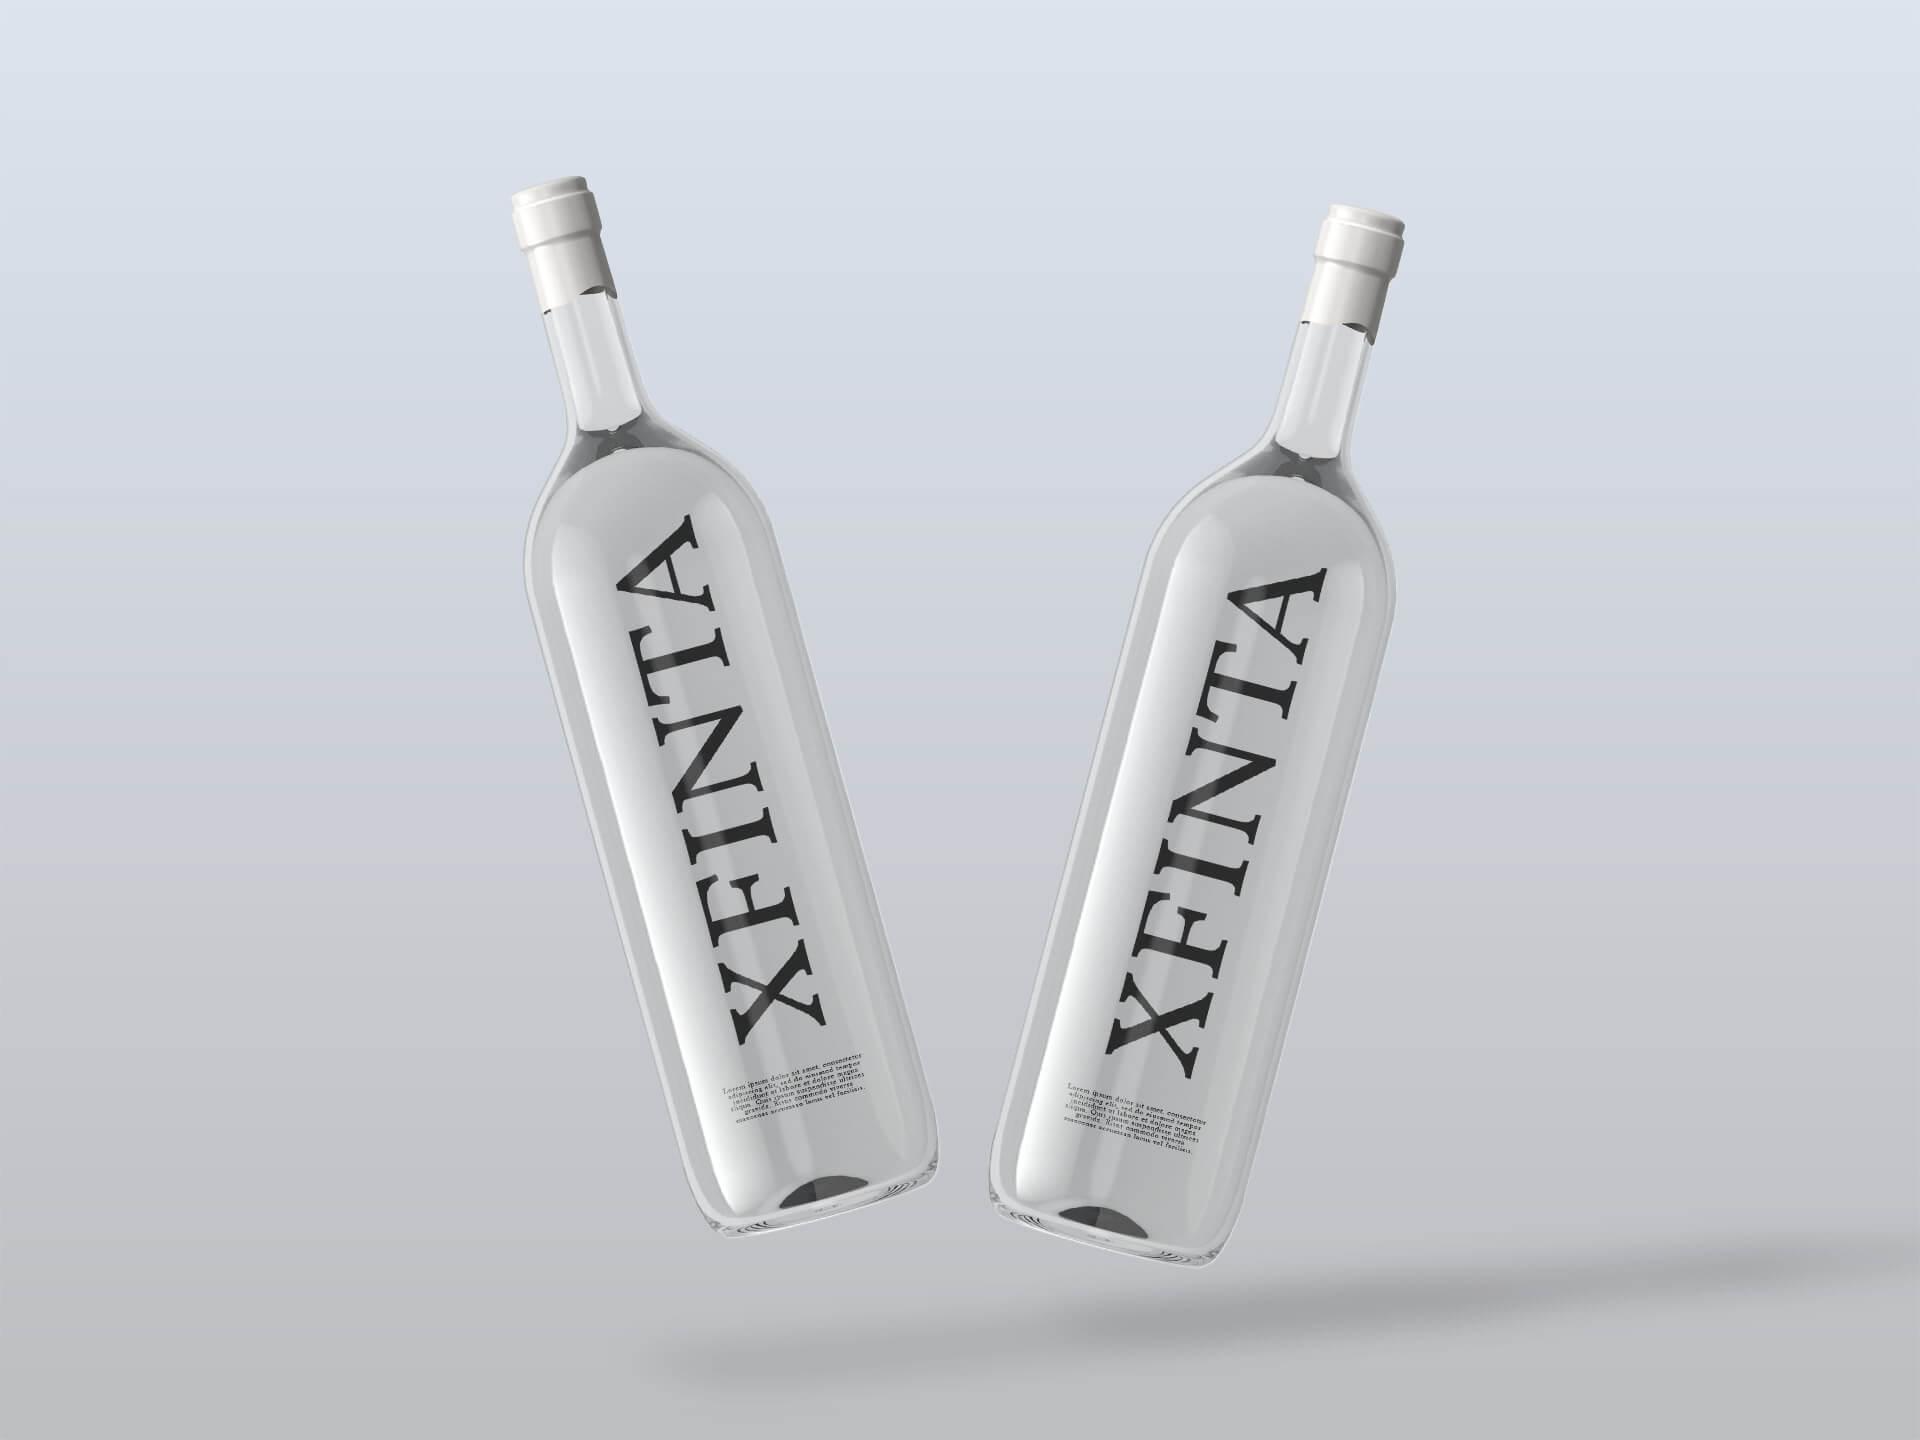 etichette adesive per bottiglie liquori, distillati, amari, grapppe